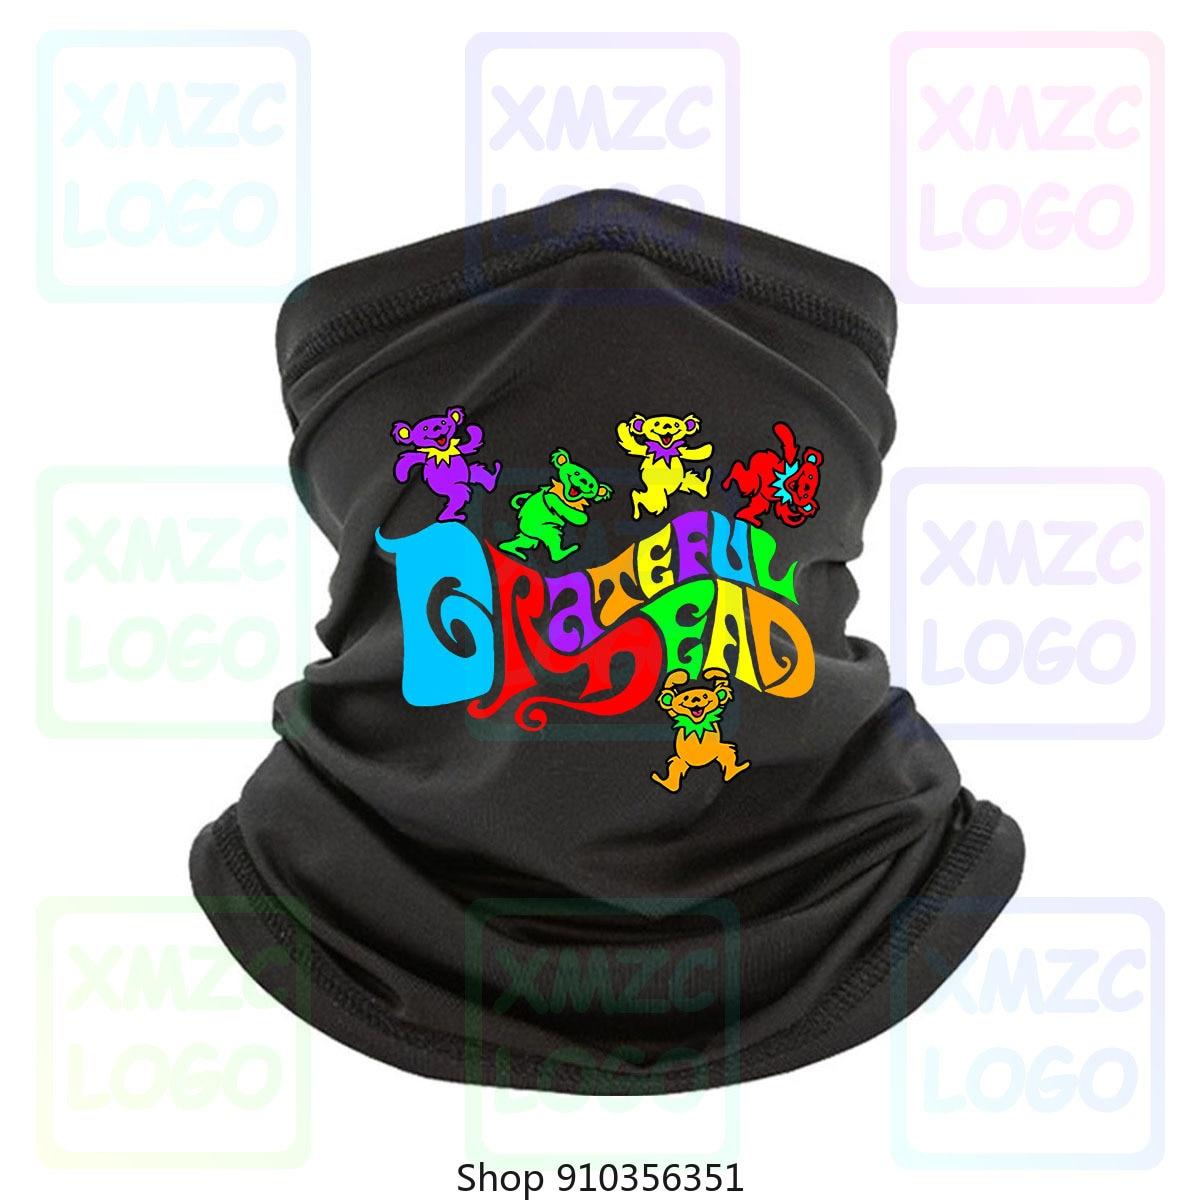 Pañuelo negro Grateful Dead Flipside Bears, Bandana Unisex de todos los tamaños M560, pañuelo, pañuelo, calentador de cuello para mujeres y hombres